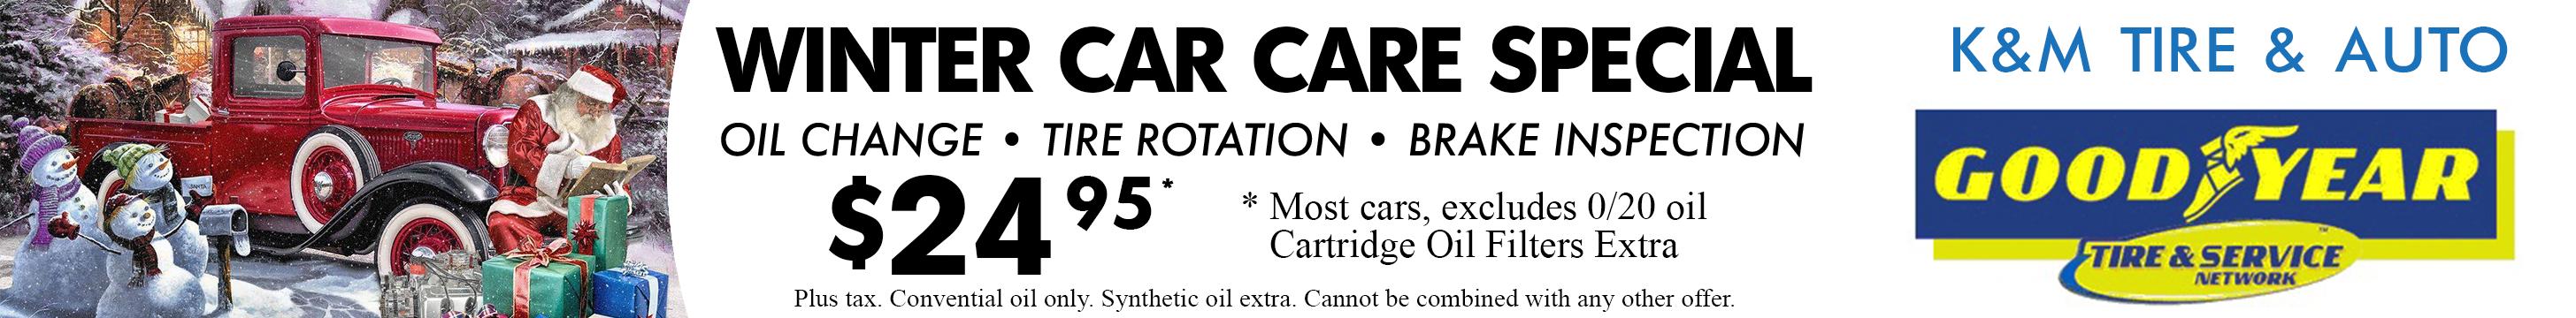 WinterCarCareSpecial2019